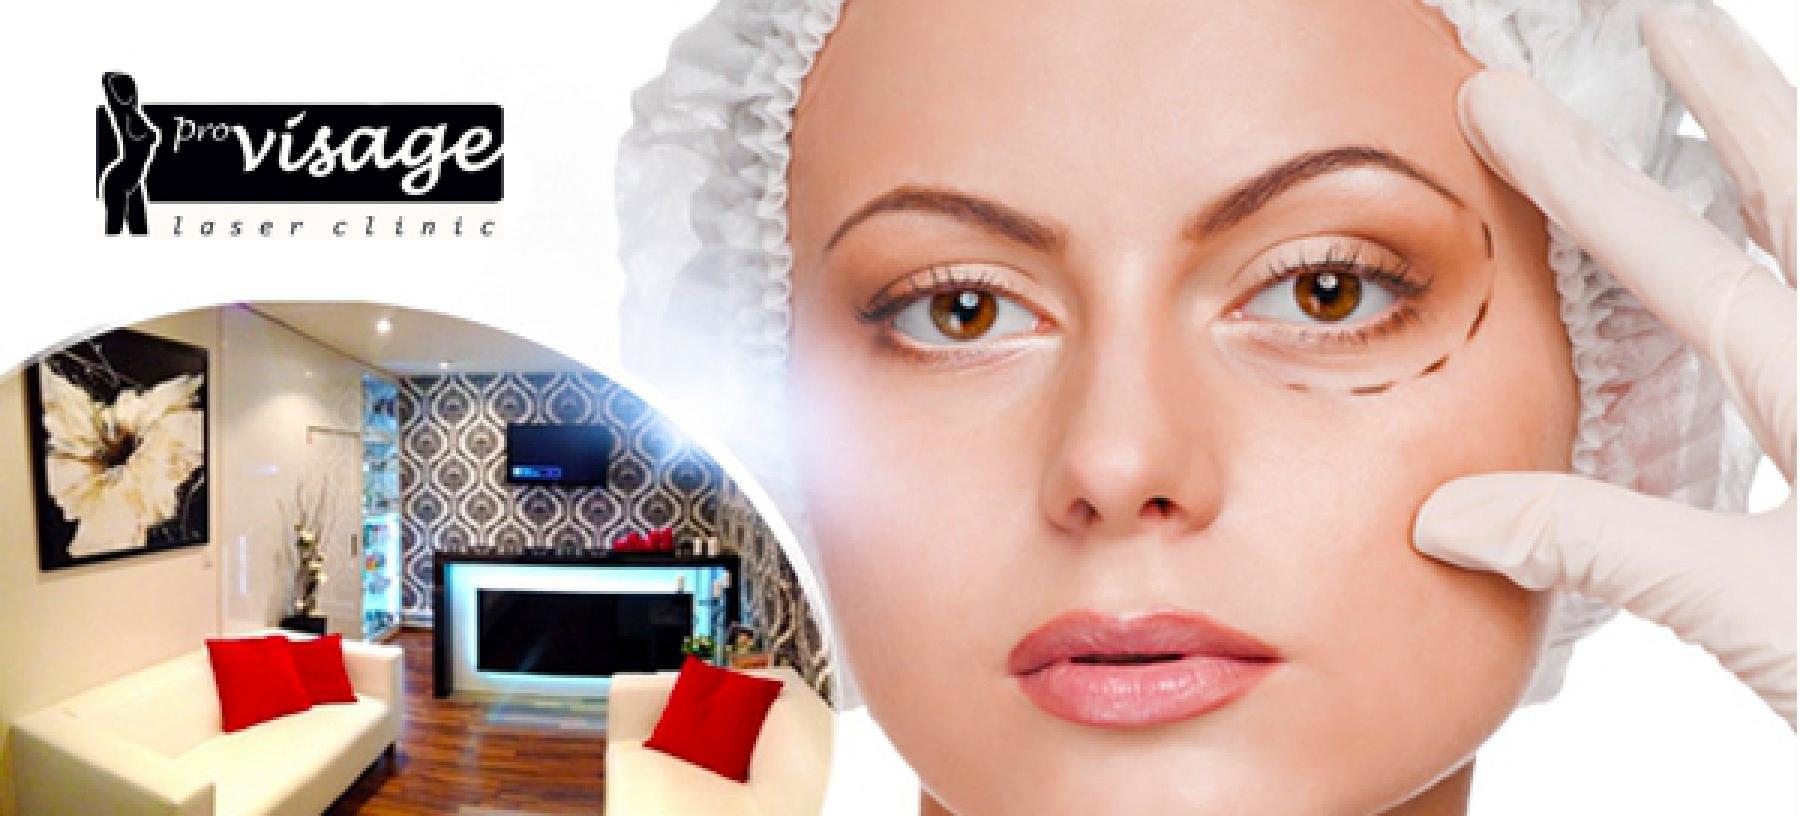 Neinvazní lifting očních víček – PRO visage